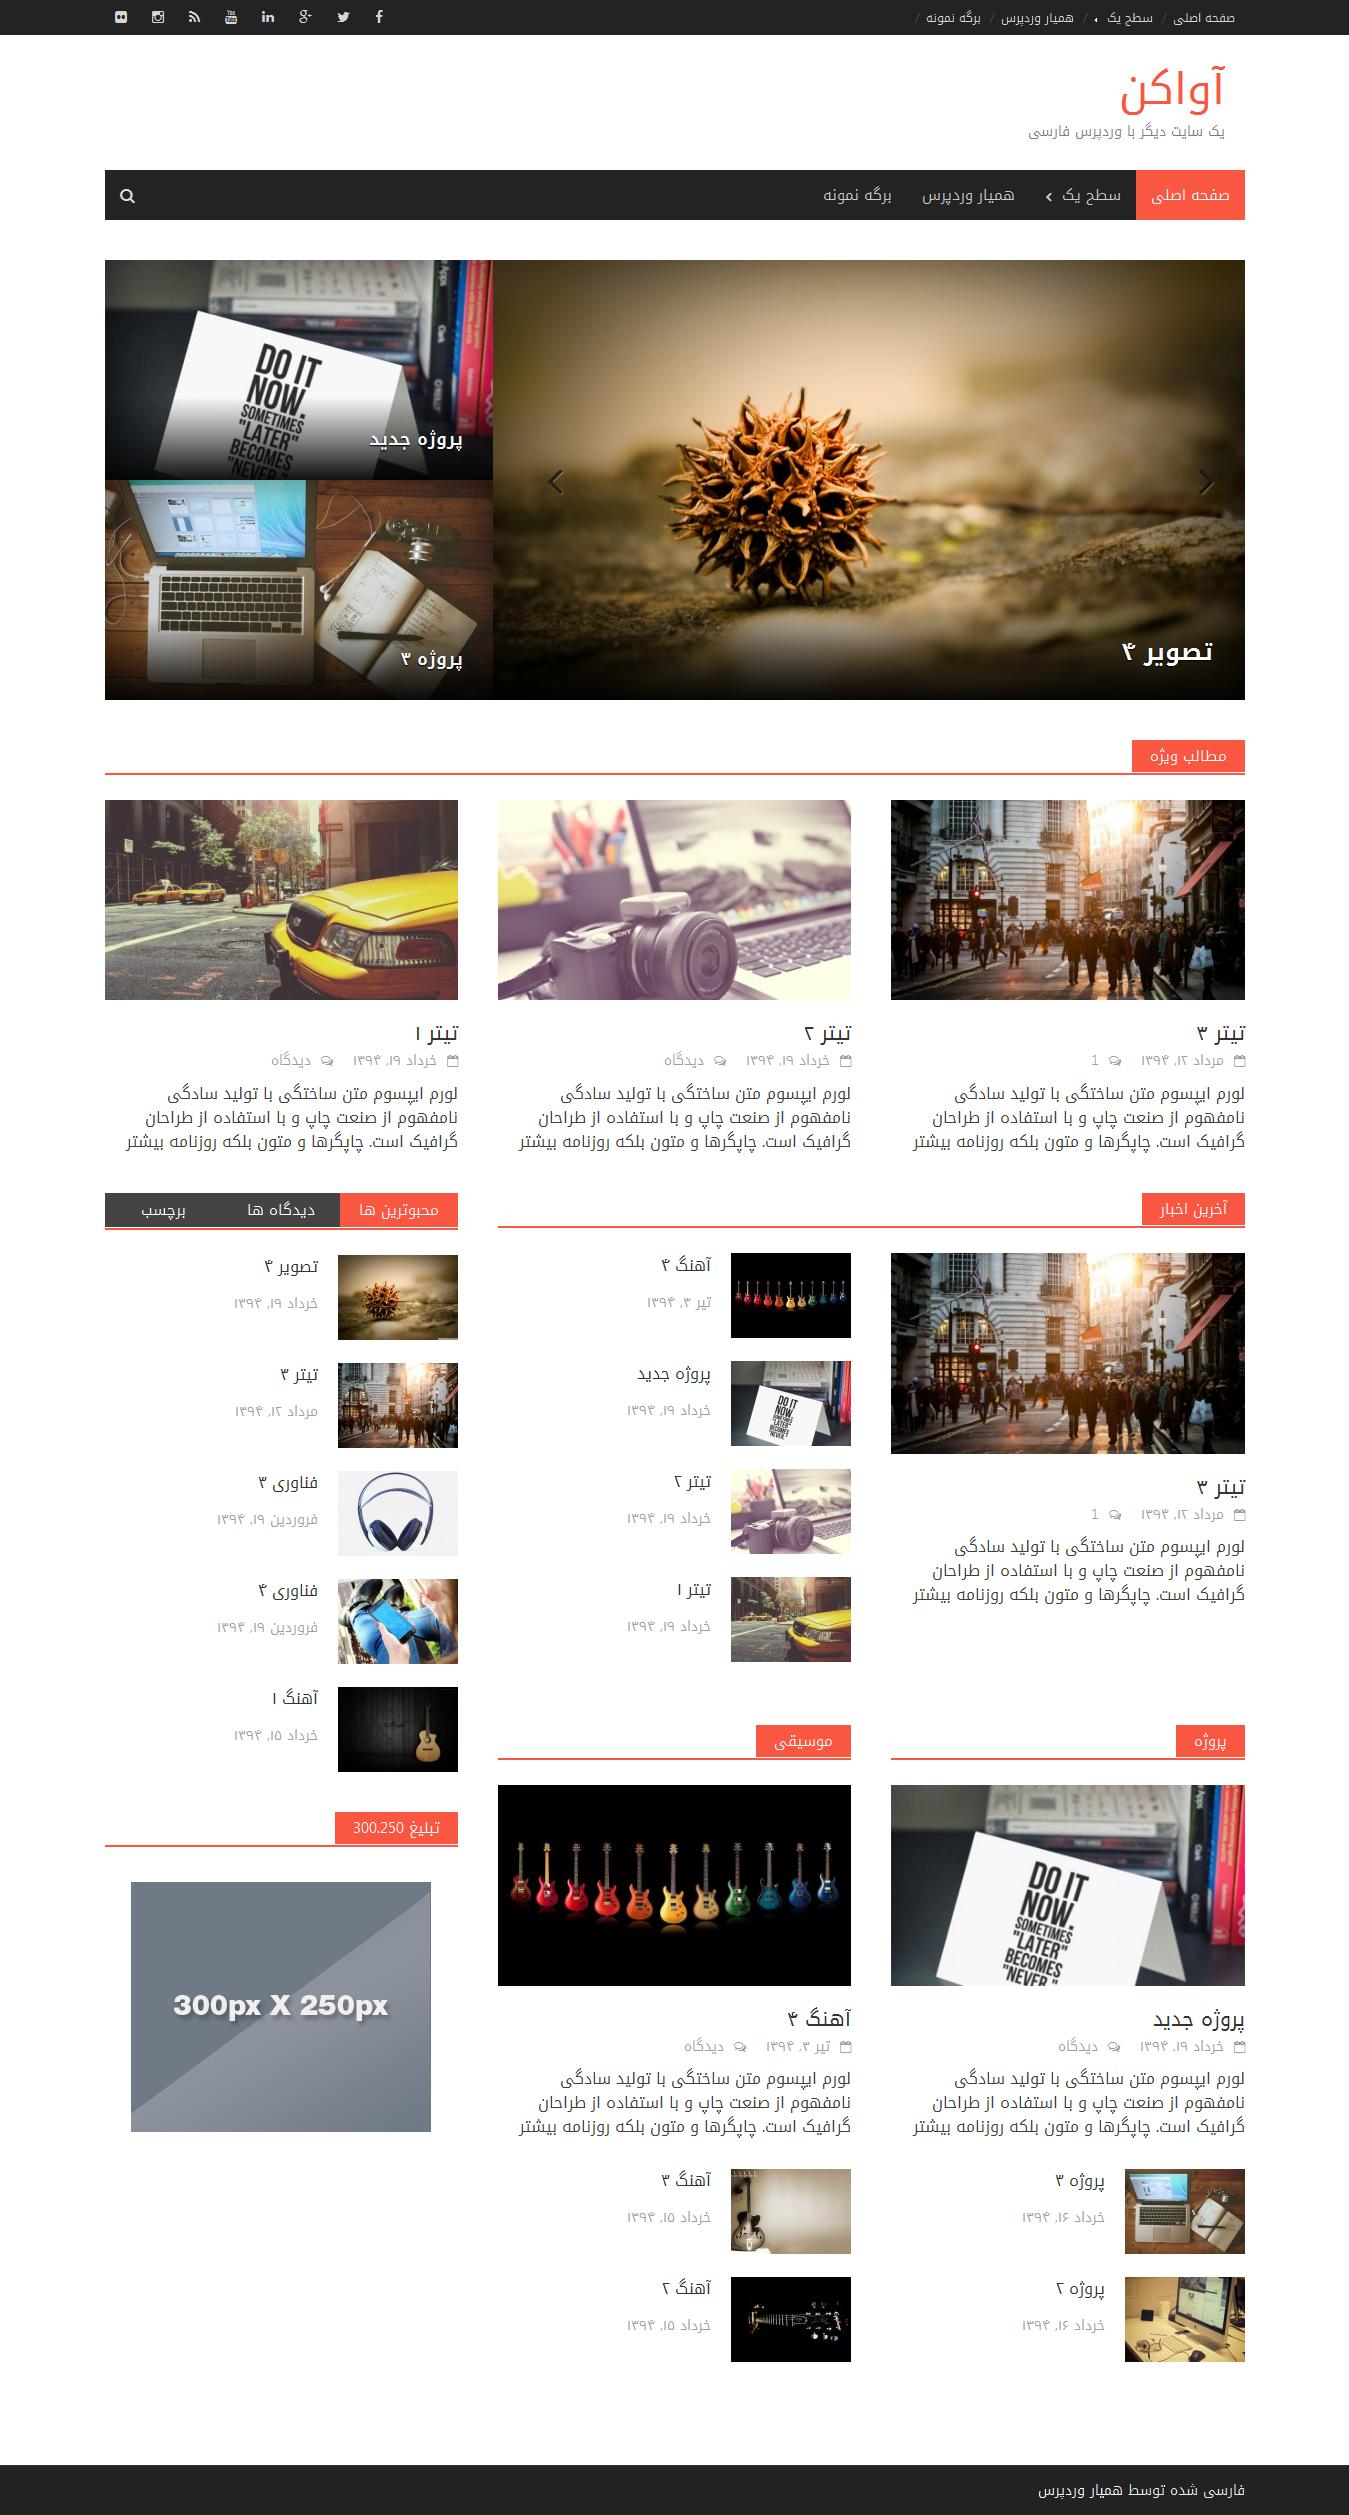 دانلود قالب مجله خبری Awaken برای وردپرس – فارسی شده